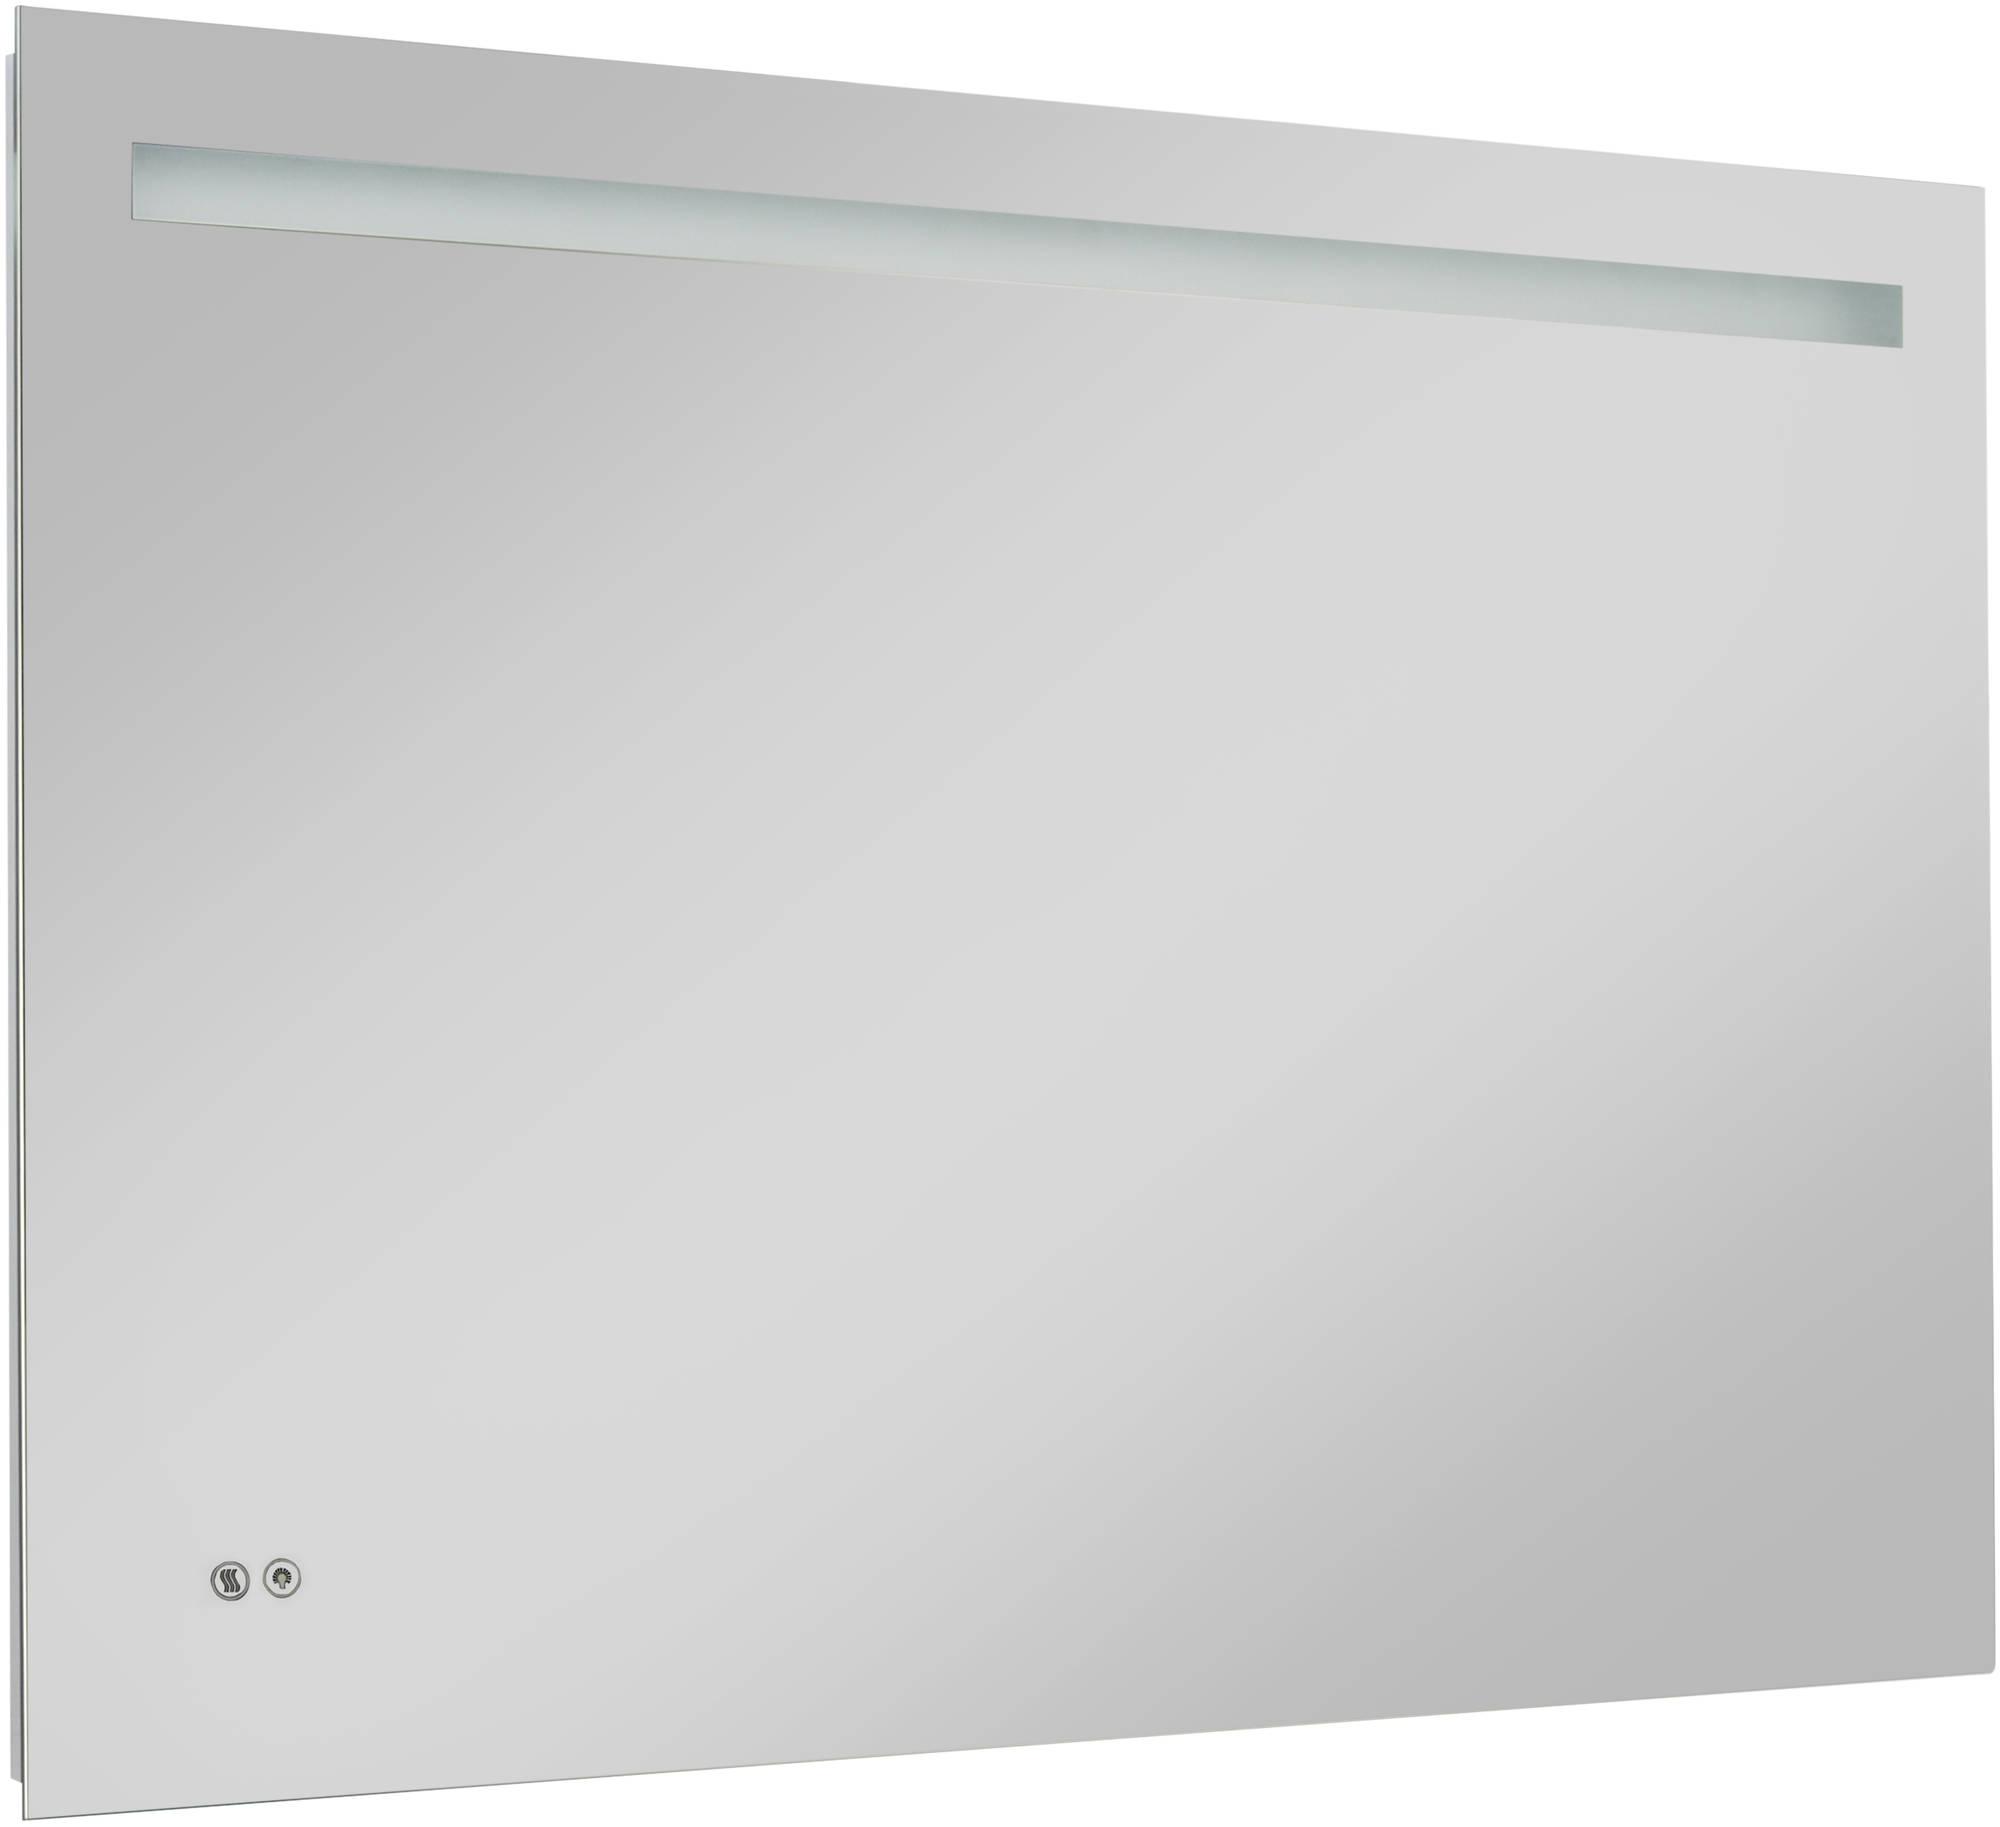 Ben Freya spiegel met verlichting en spiegelverwarming (touchbediening) 80x70 cm